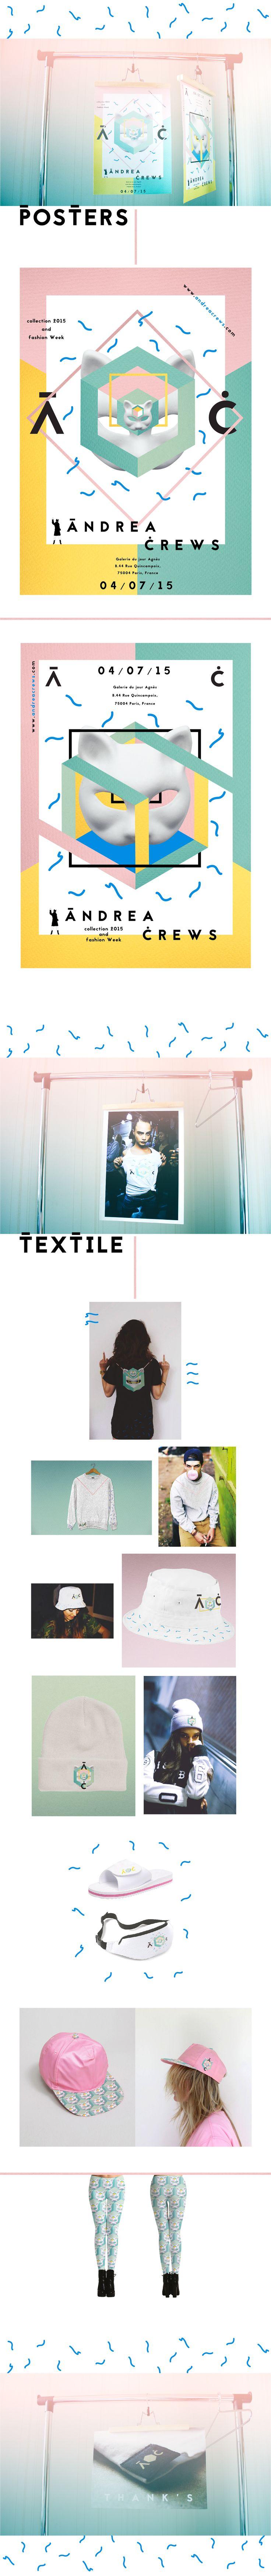 Réalisation d'affiches pour une styliste, réalisation de visuels en lien avec les affiches à appliquer sur textile. Client fictif: Andrea Crews